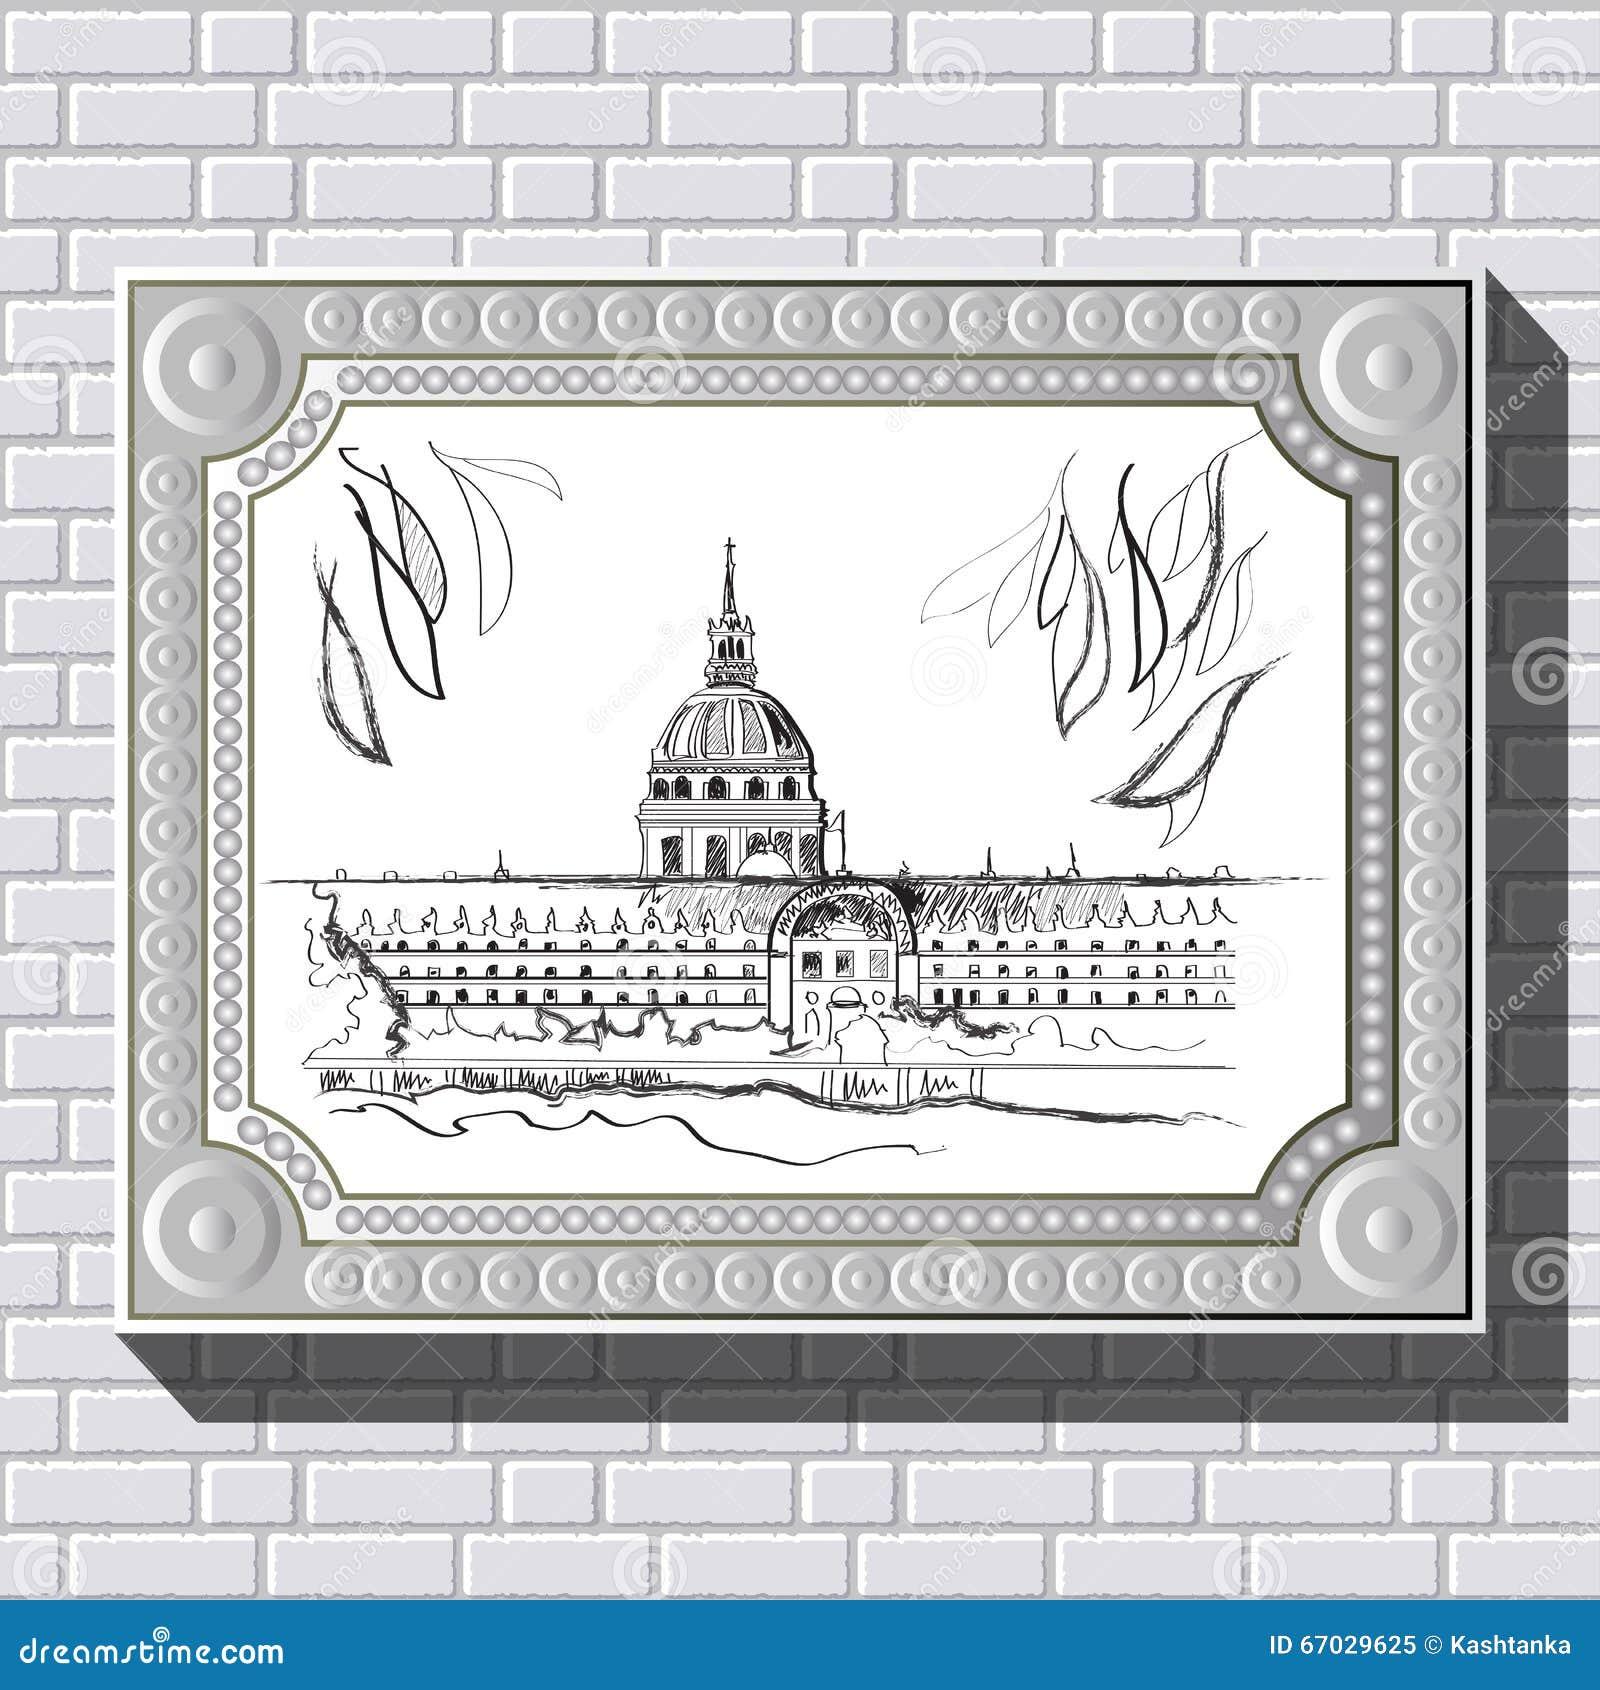 Dibujo En Una Pared De Ladrillo En El Marco 39 Ilustración del ...